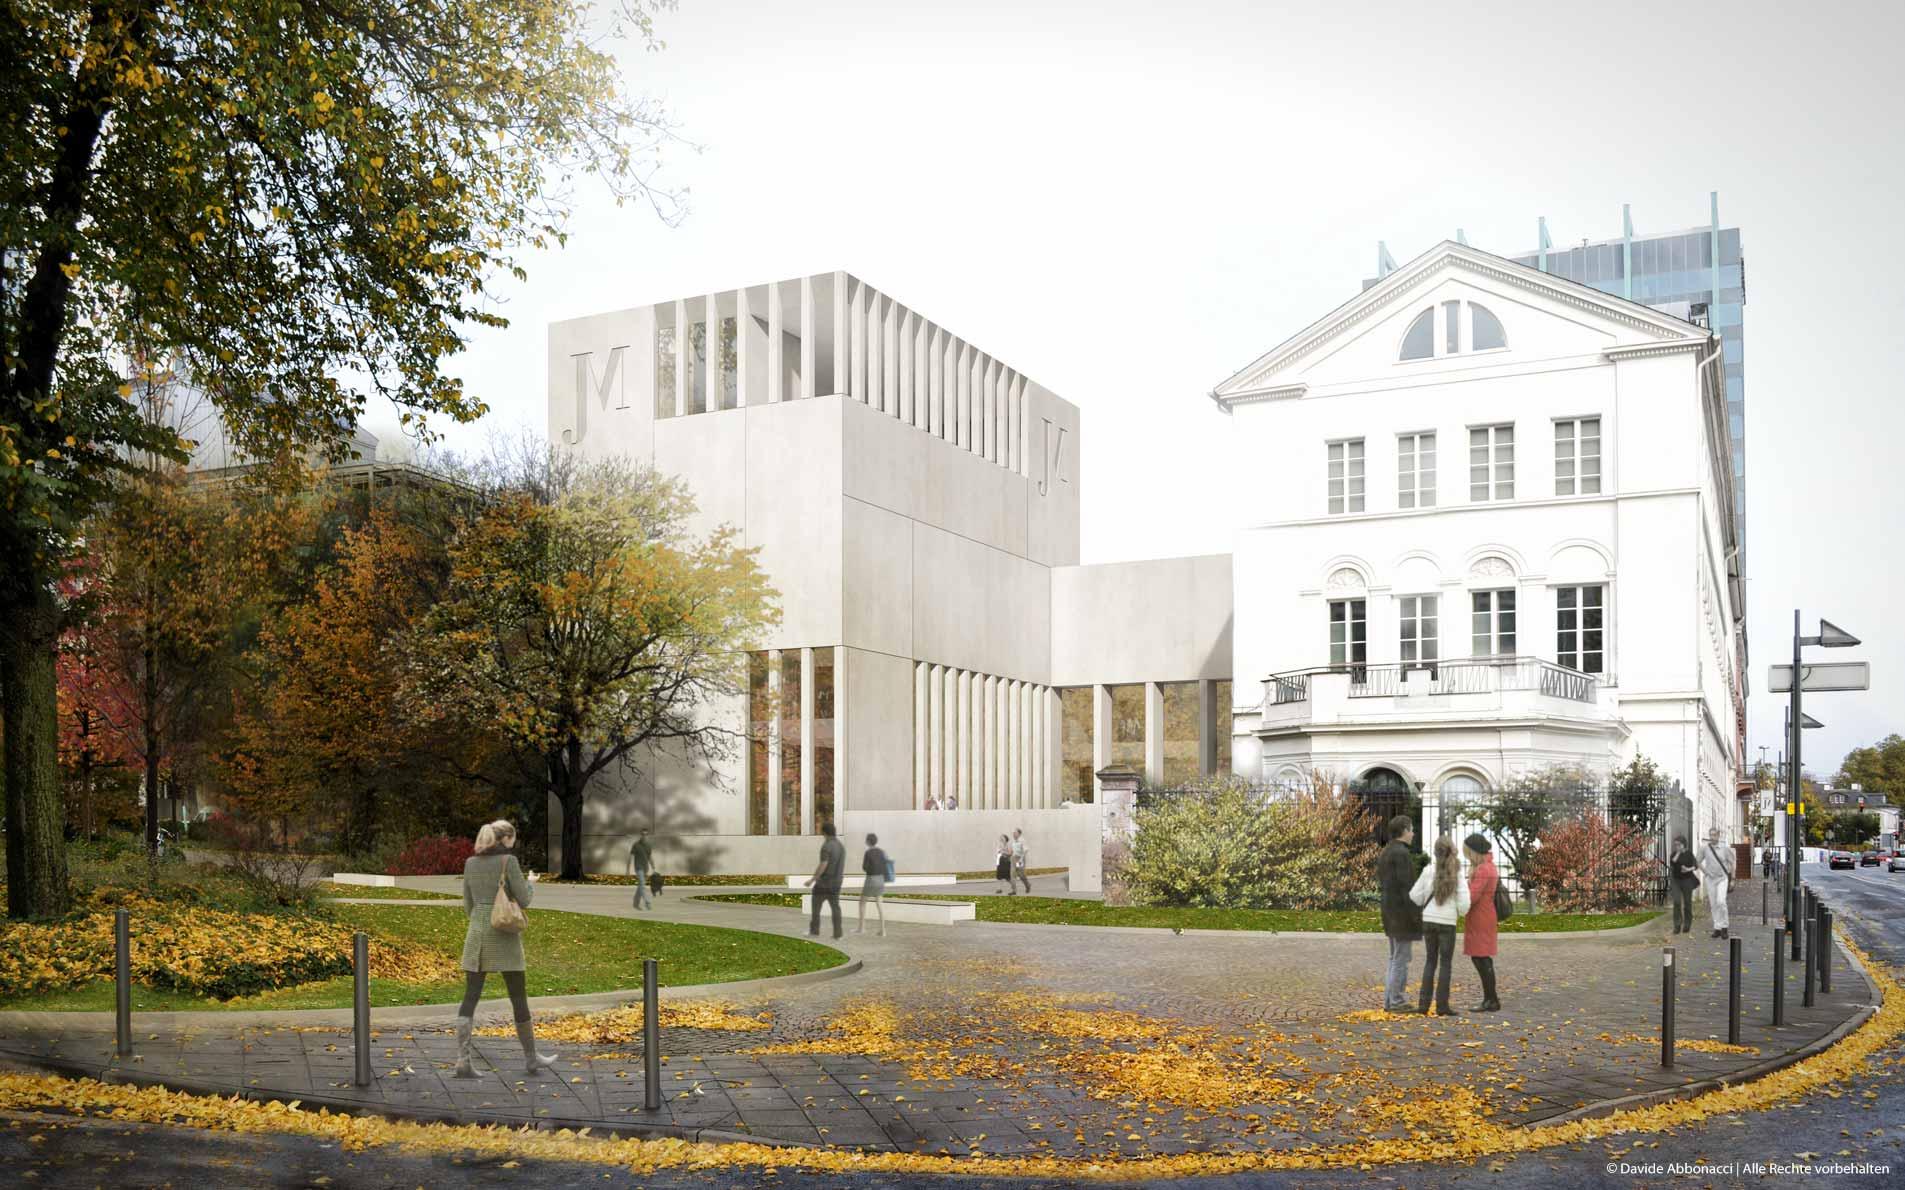 Jüdisches Museum, Frankfurt | gmp Architekten von Gerkan, Marg und Partner | 2012 Wettbewerbsvisualisierung | Finalist